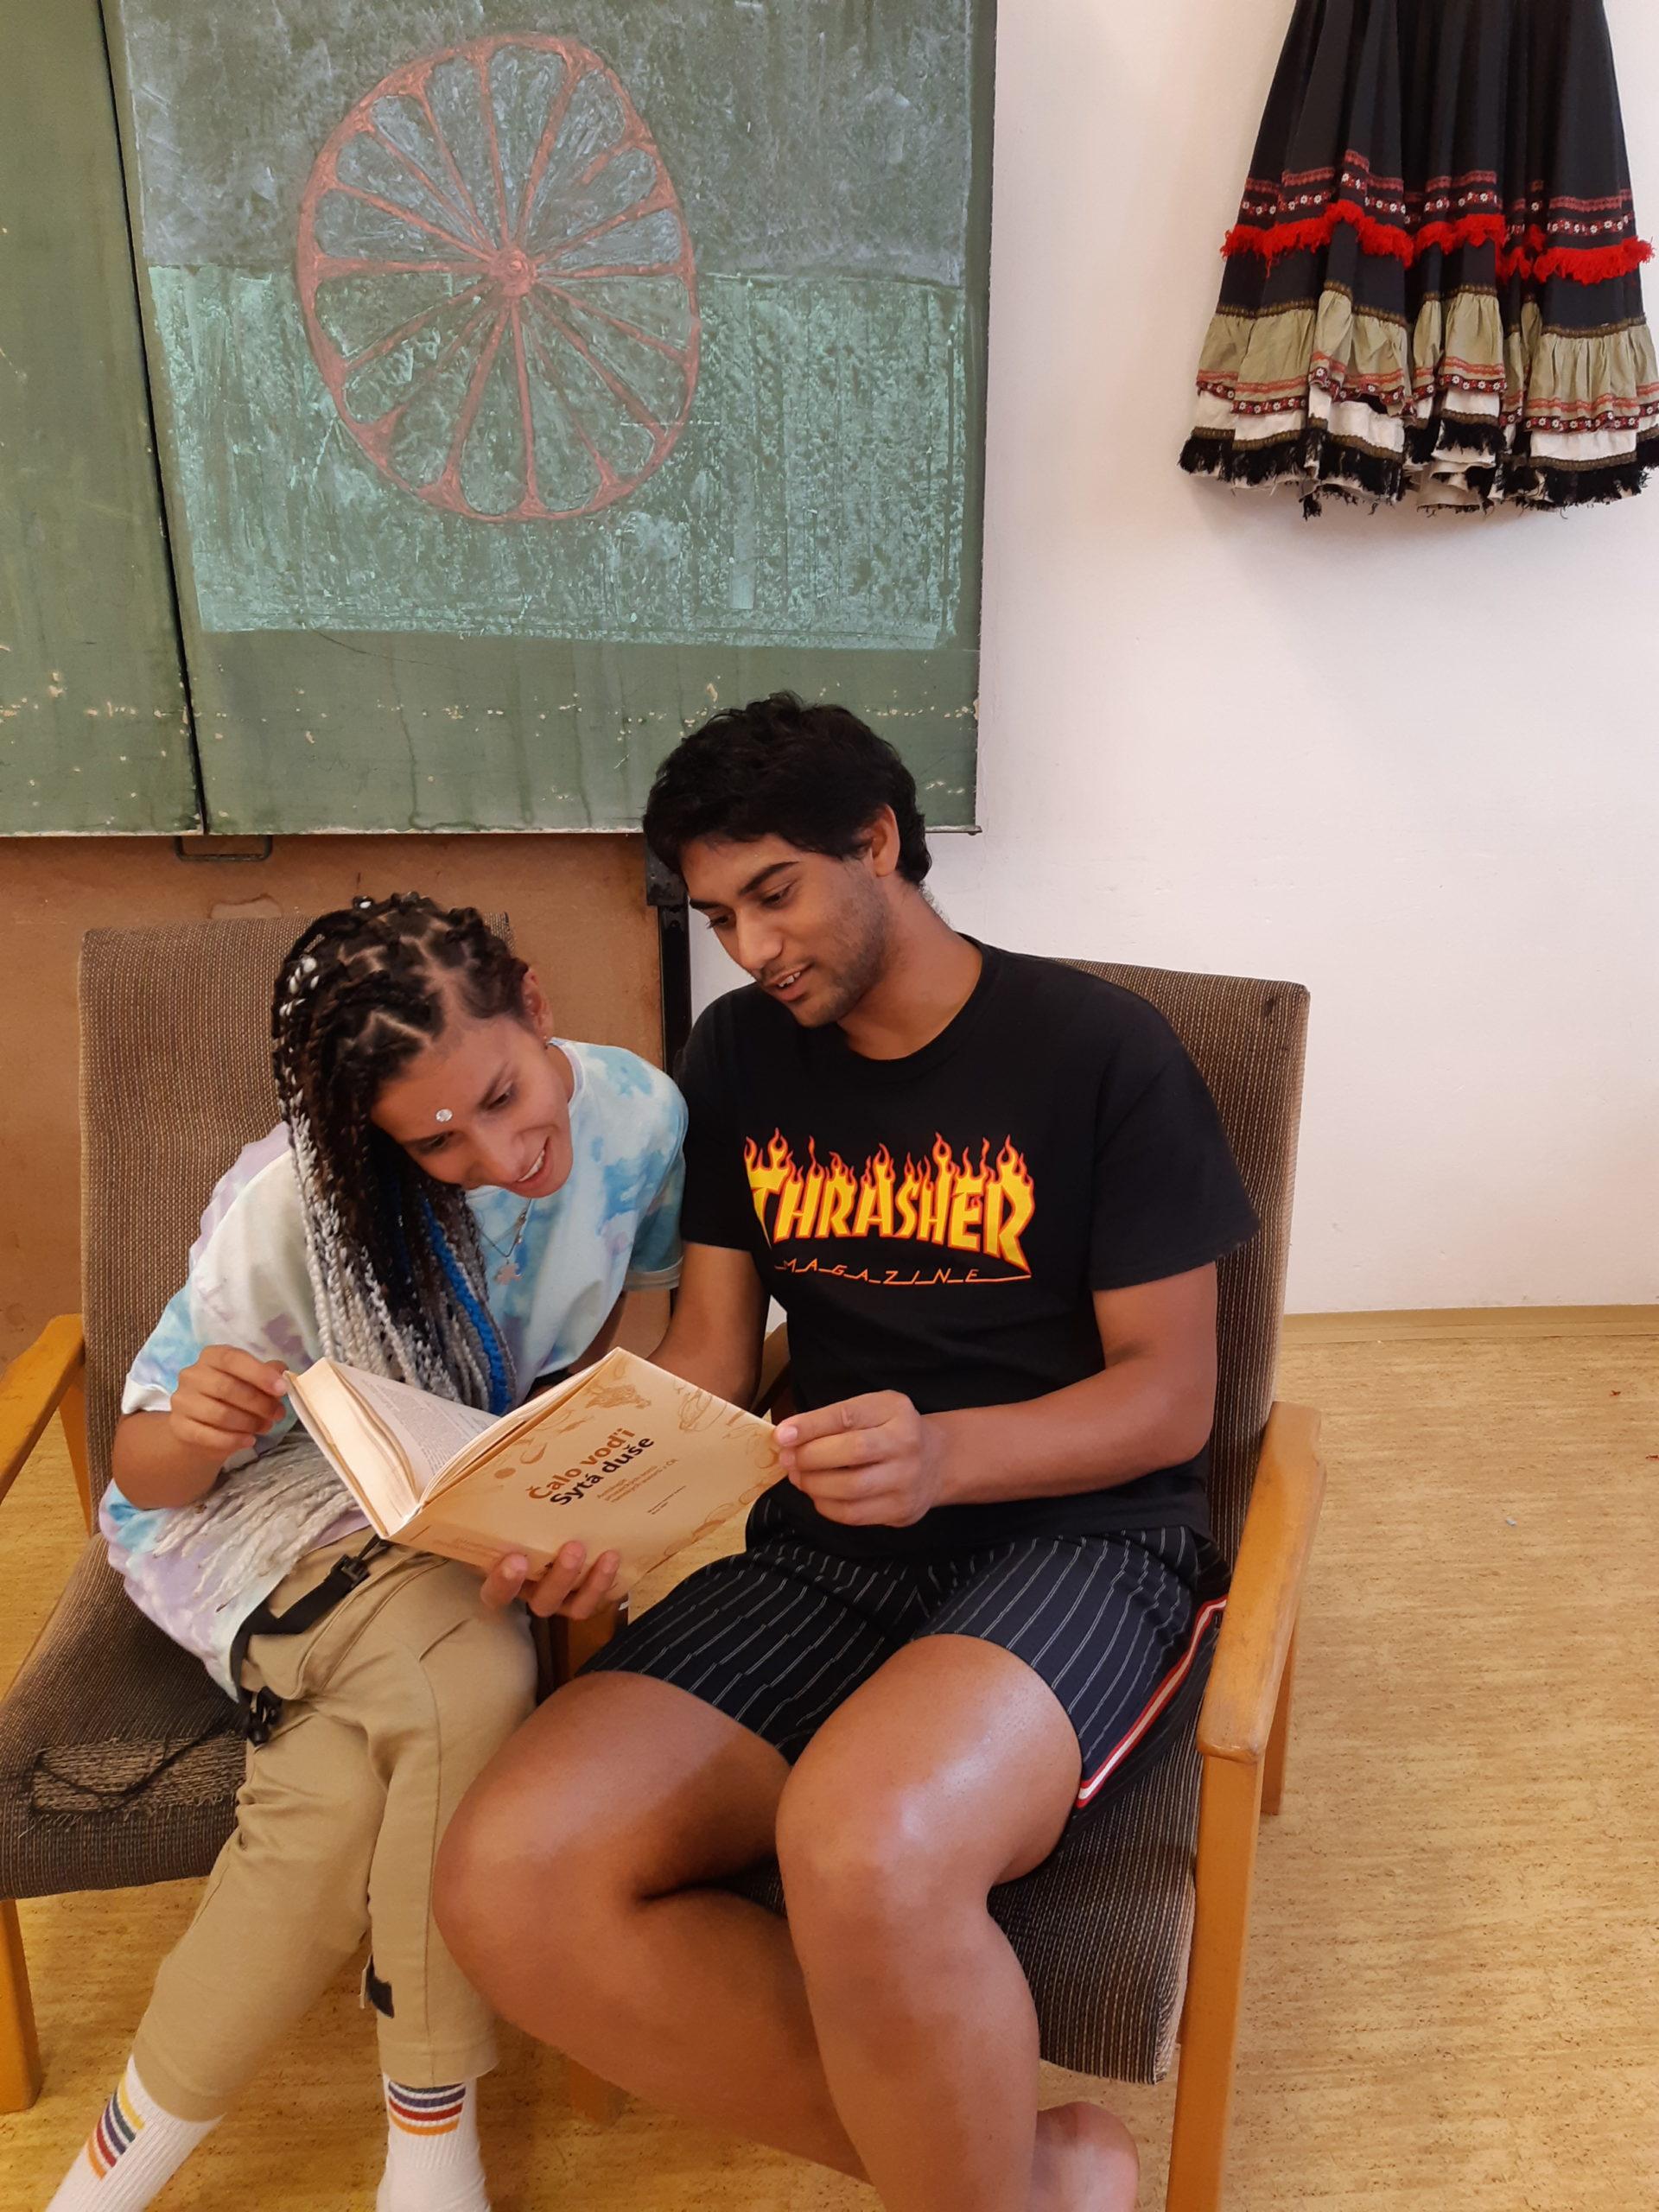 Romský chlapec a romská dívka si společně čtou v knize romských autorů Čalo voďi.